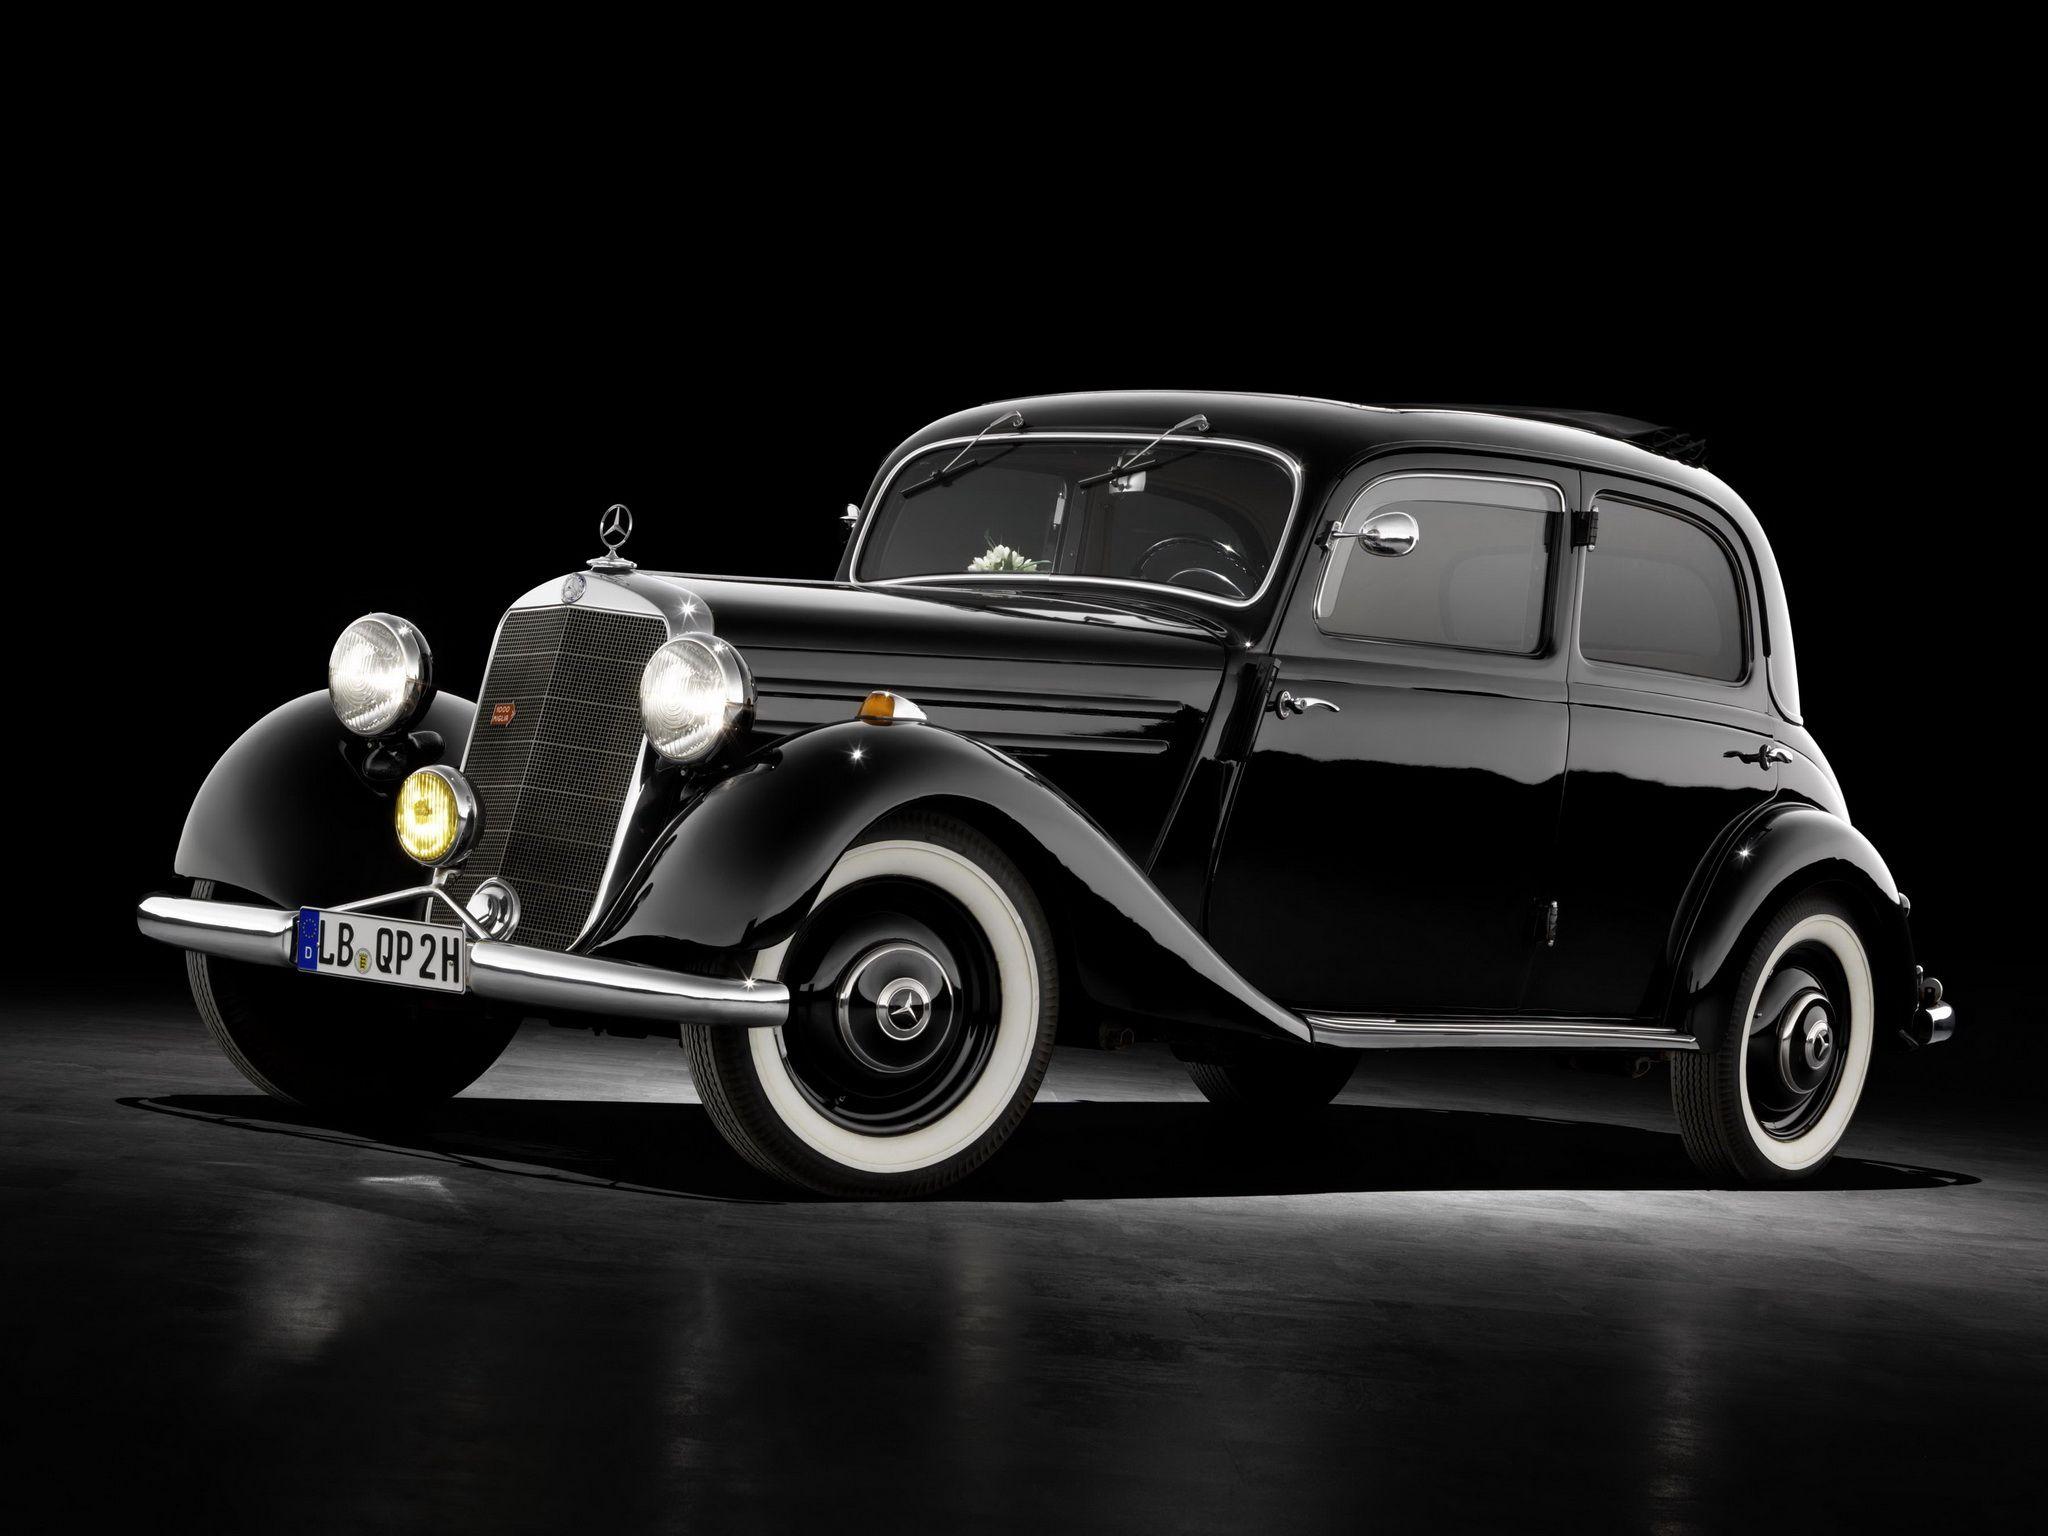 1946 - Mercedes 540 k - Photo de 20 - Voitures de collection - Au ...